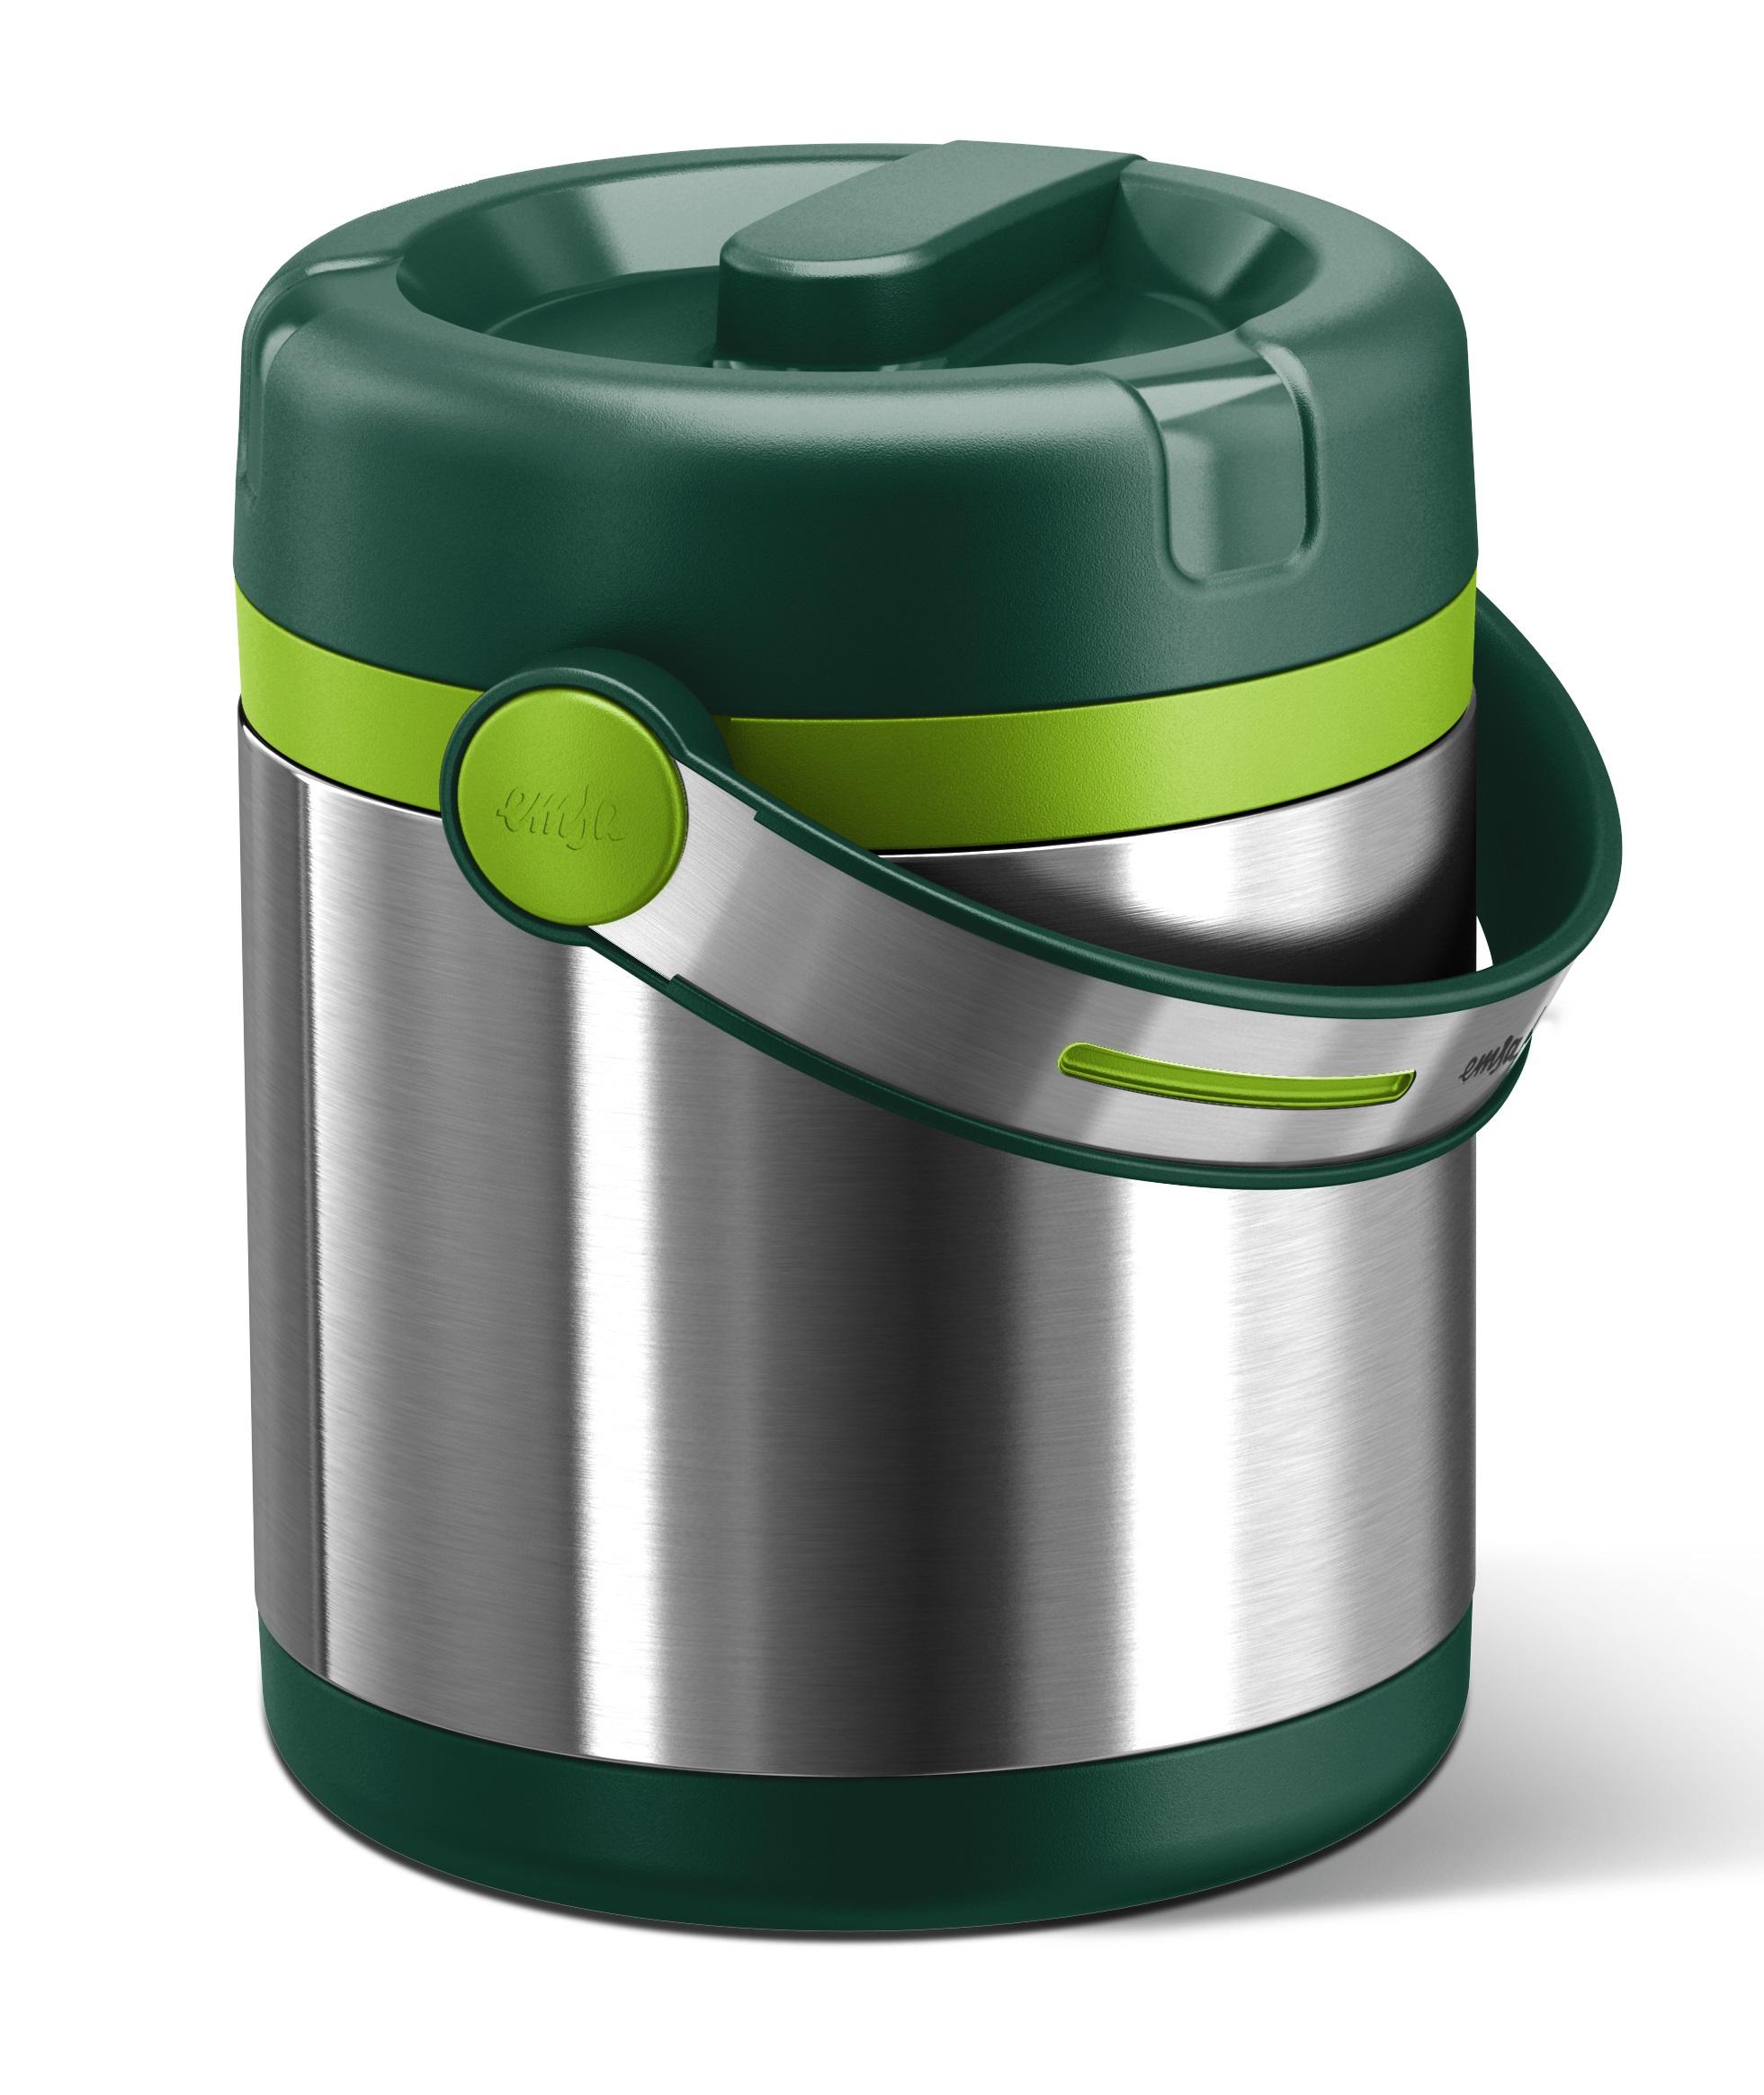 EMSA Termonádoba, jídlonosič, zelený, 1,2 l Mobility Emsa